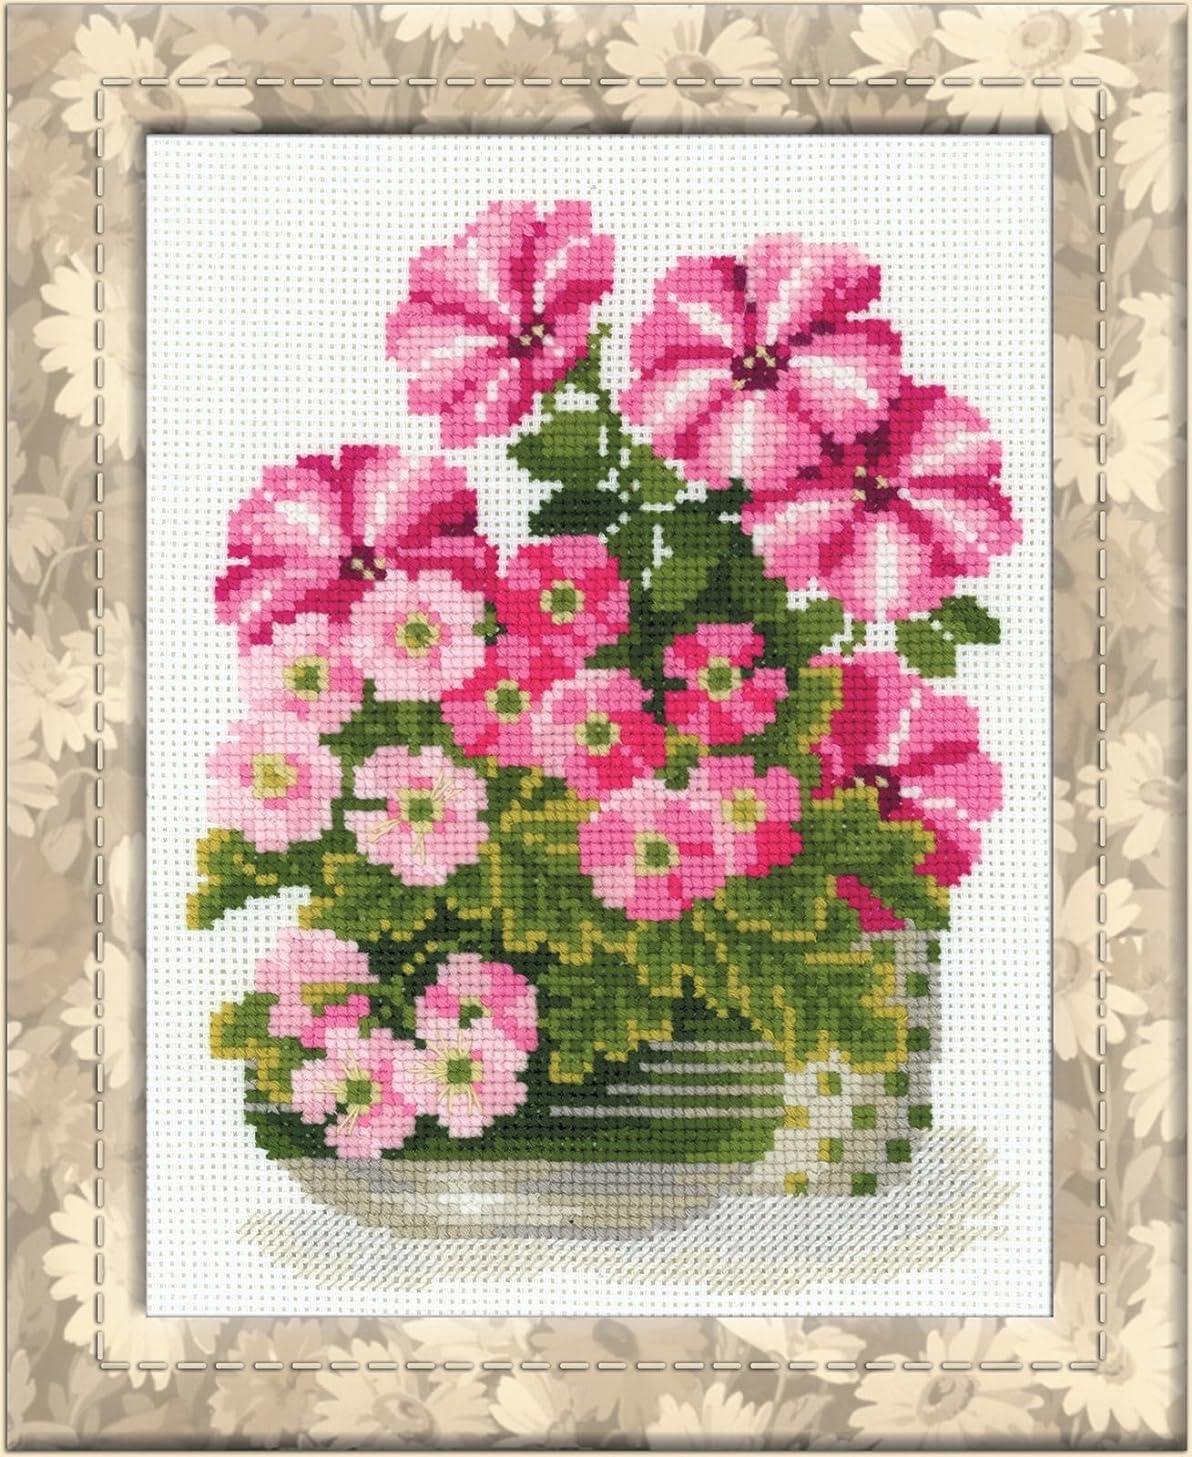 RIOLIS 1115 - Petunias & Primroses - Counted Cross Stitch Kit 7?